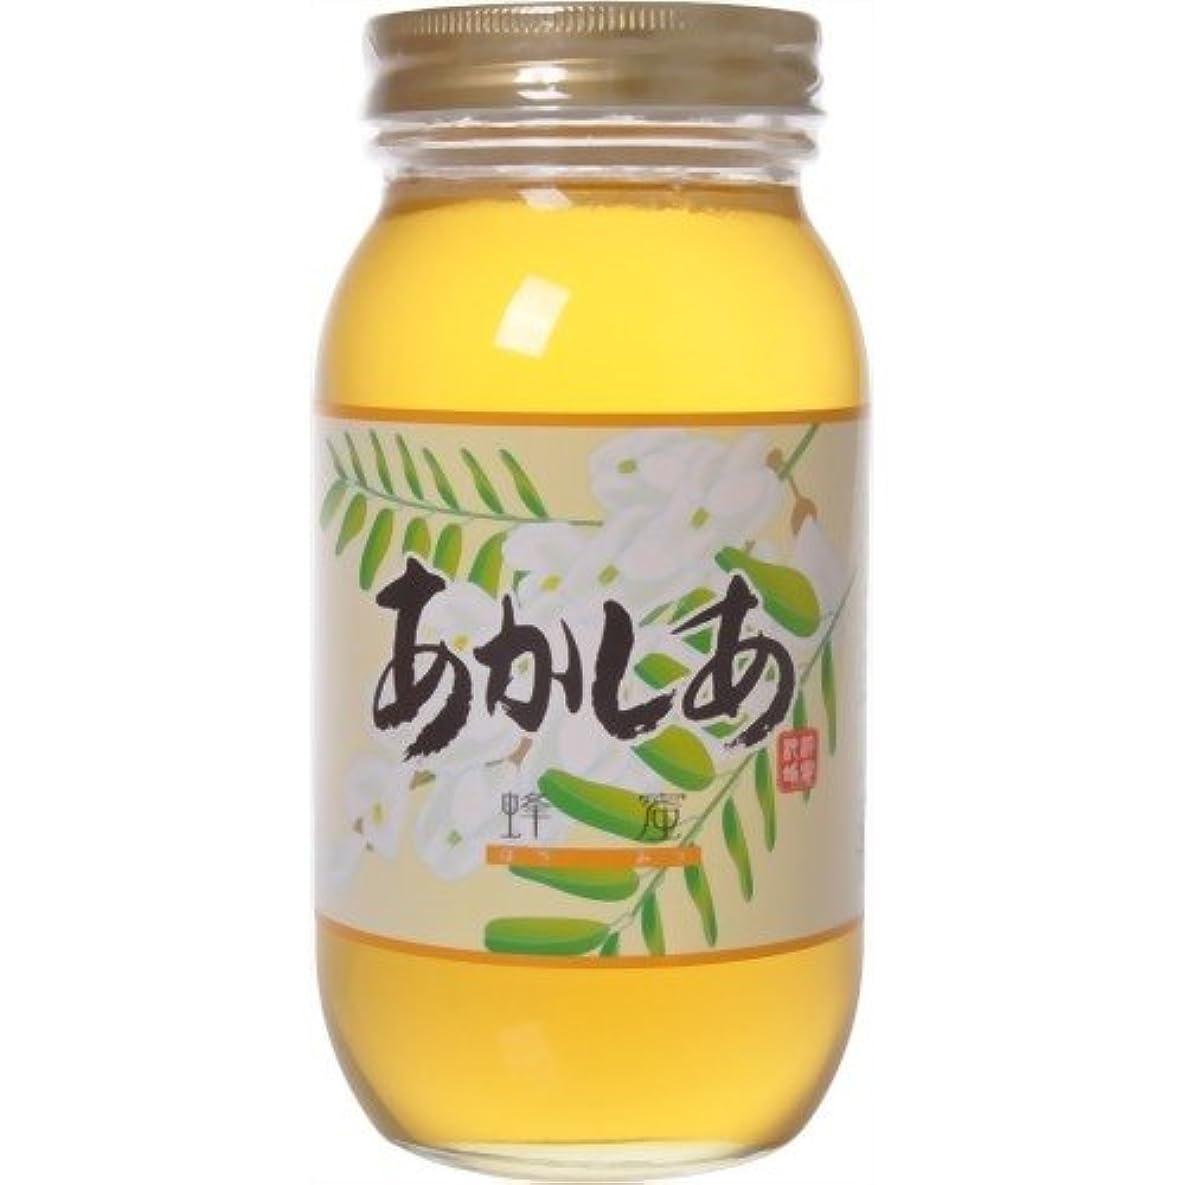 メモ気がついて租界藤井養蜂場 中国産アカシアはちみつ 1kg